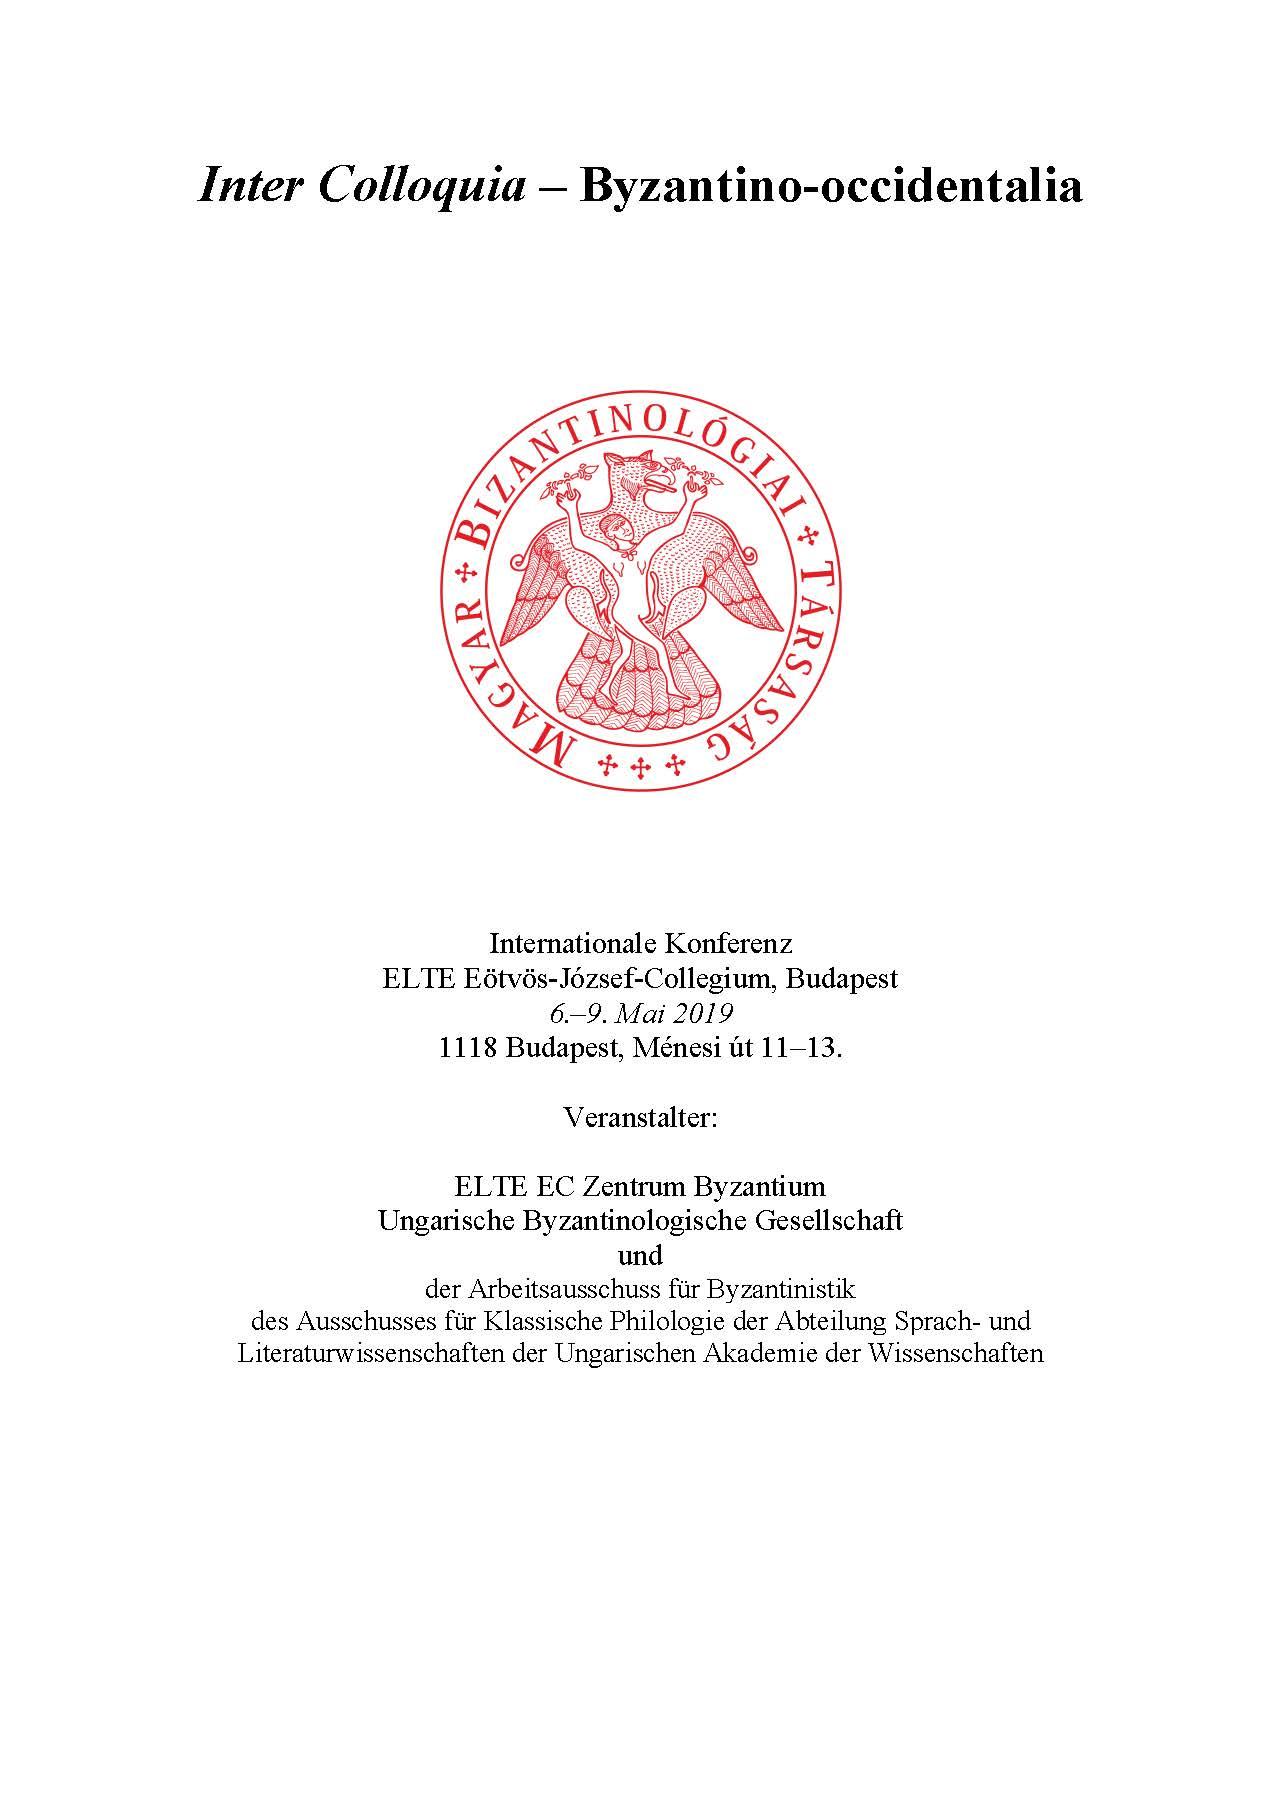 Byzantino-occidentalia plakát